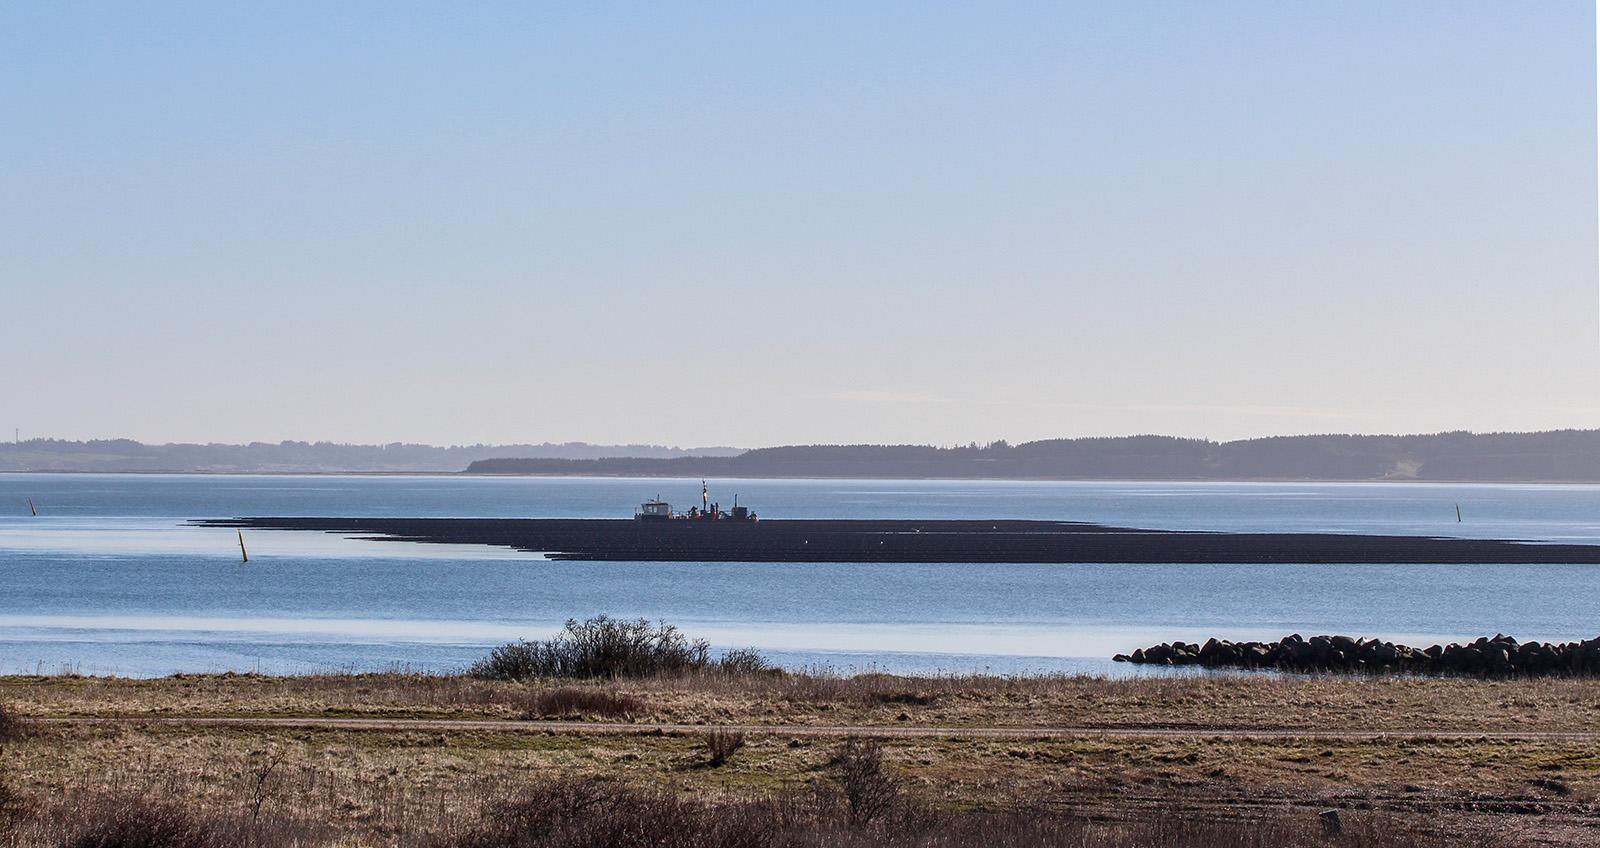 Kæmpe interesse for muslingeopdræt i Limfjorden: Hovedløse tilladelser er en risiko for havmiljøet